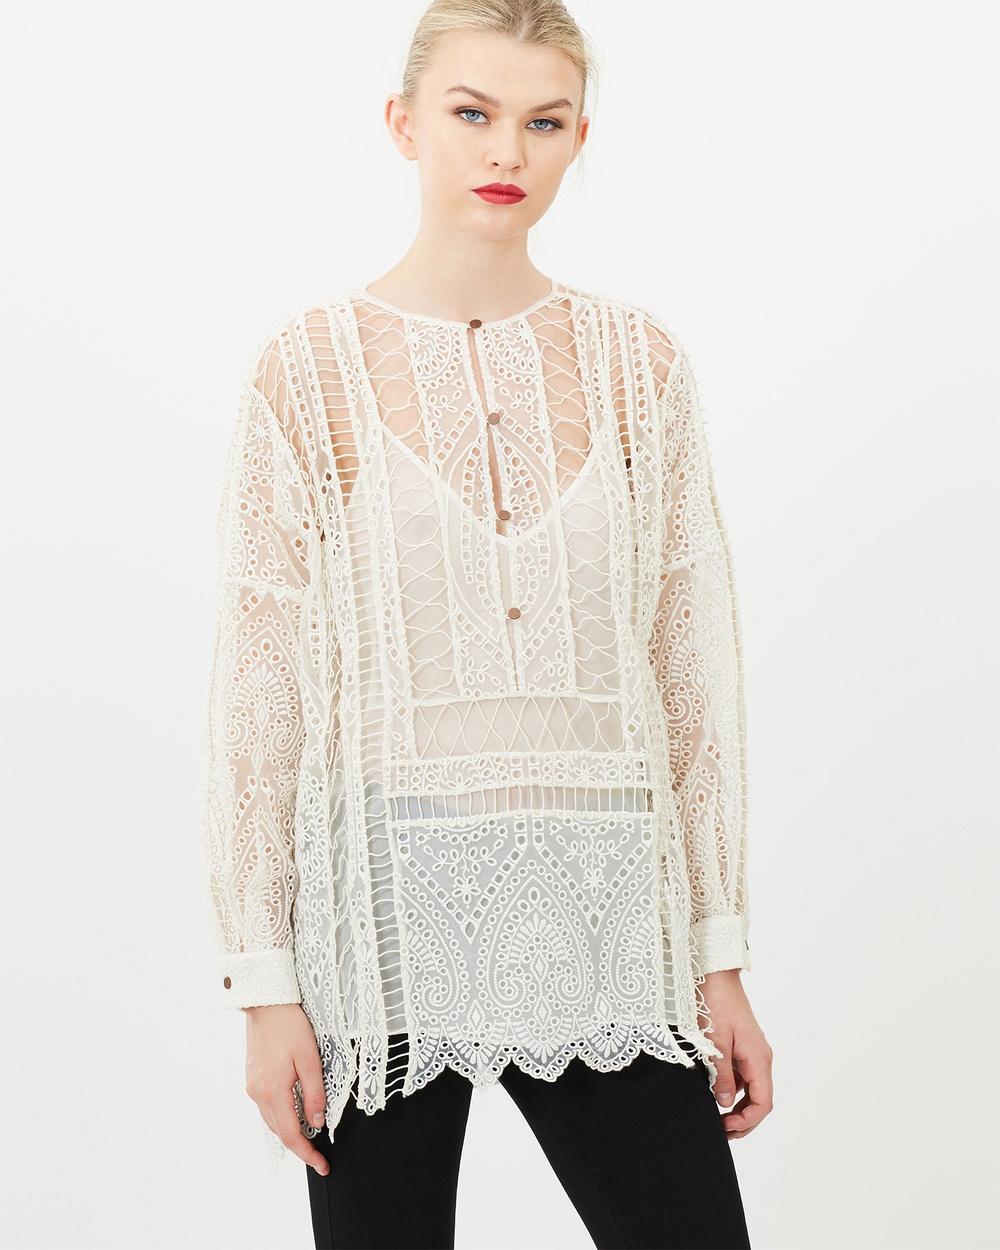 SIYONA Embroidered Bohemian Maxi Shirt Tops Cream Embroidered Bohemian Maxi Shirt